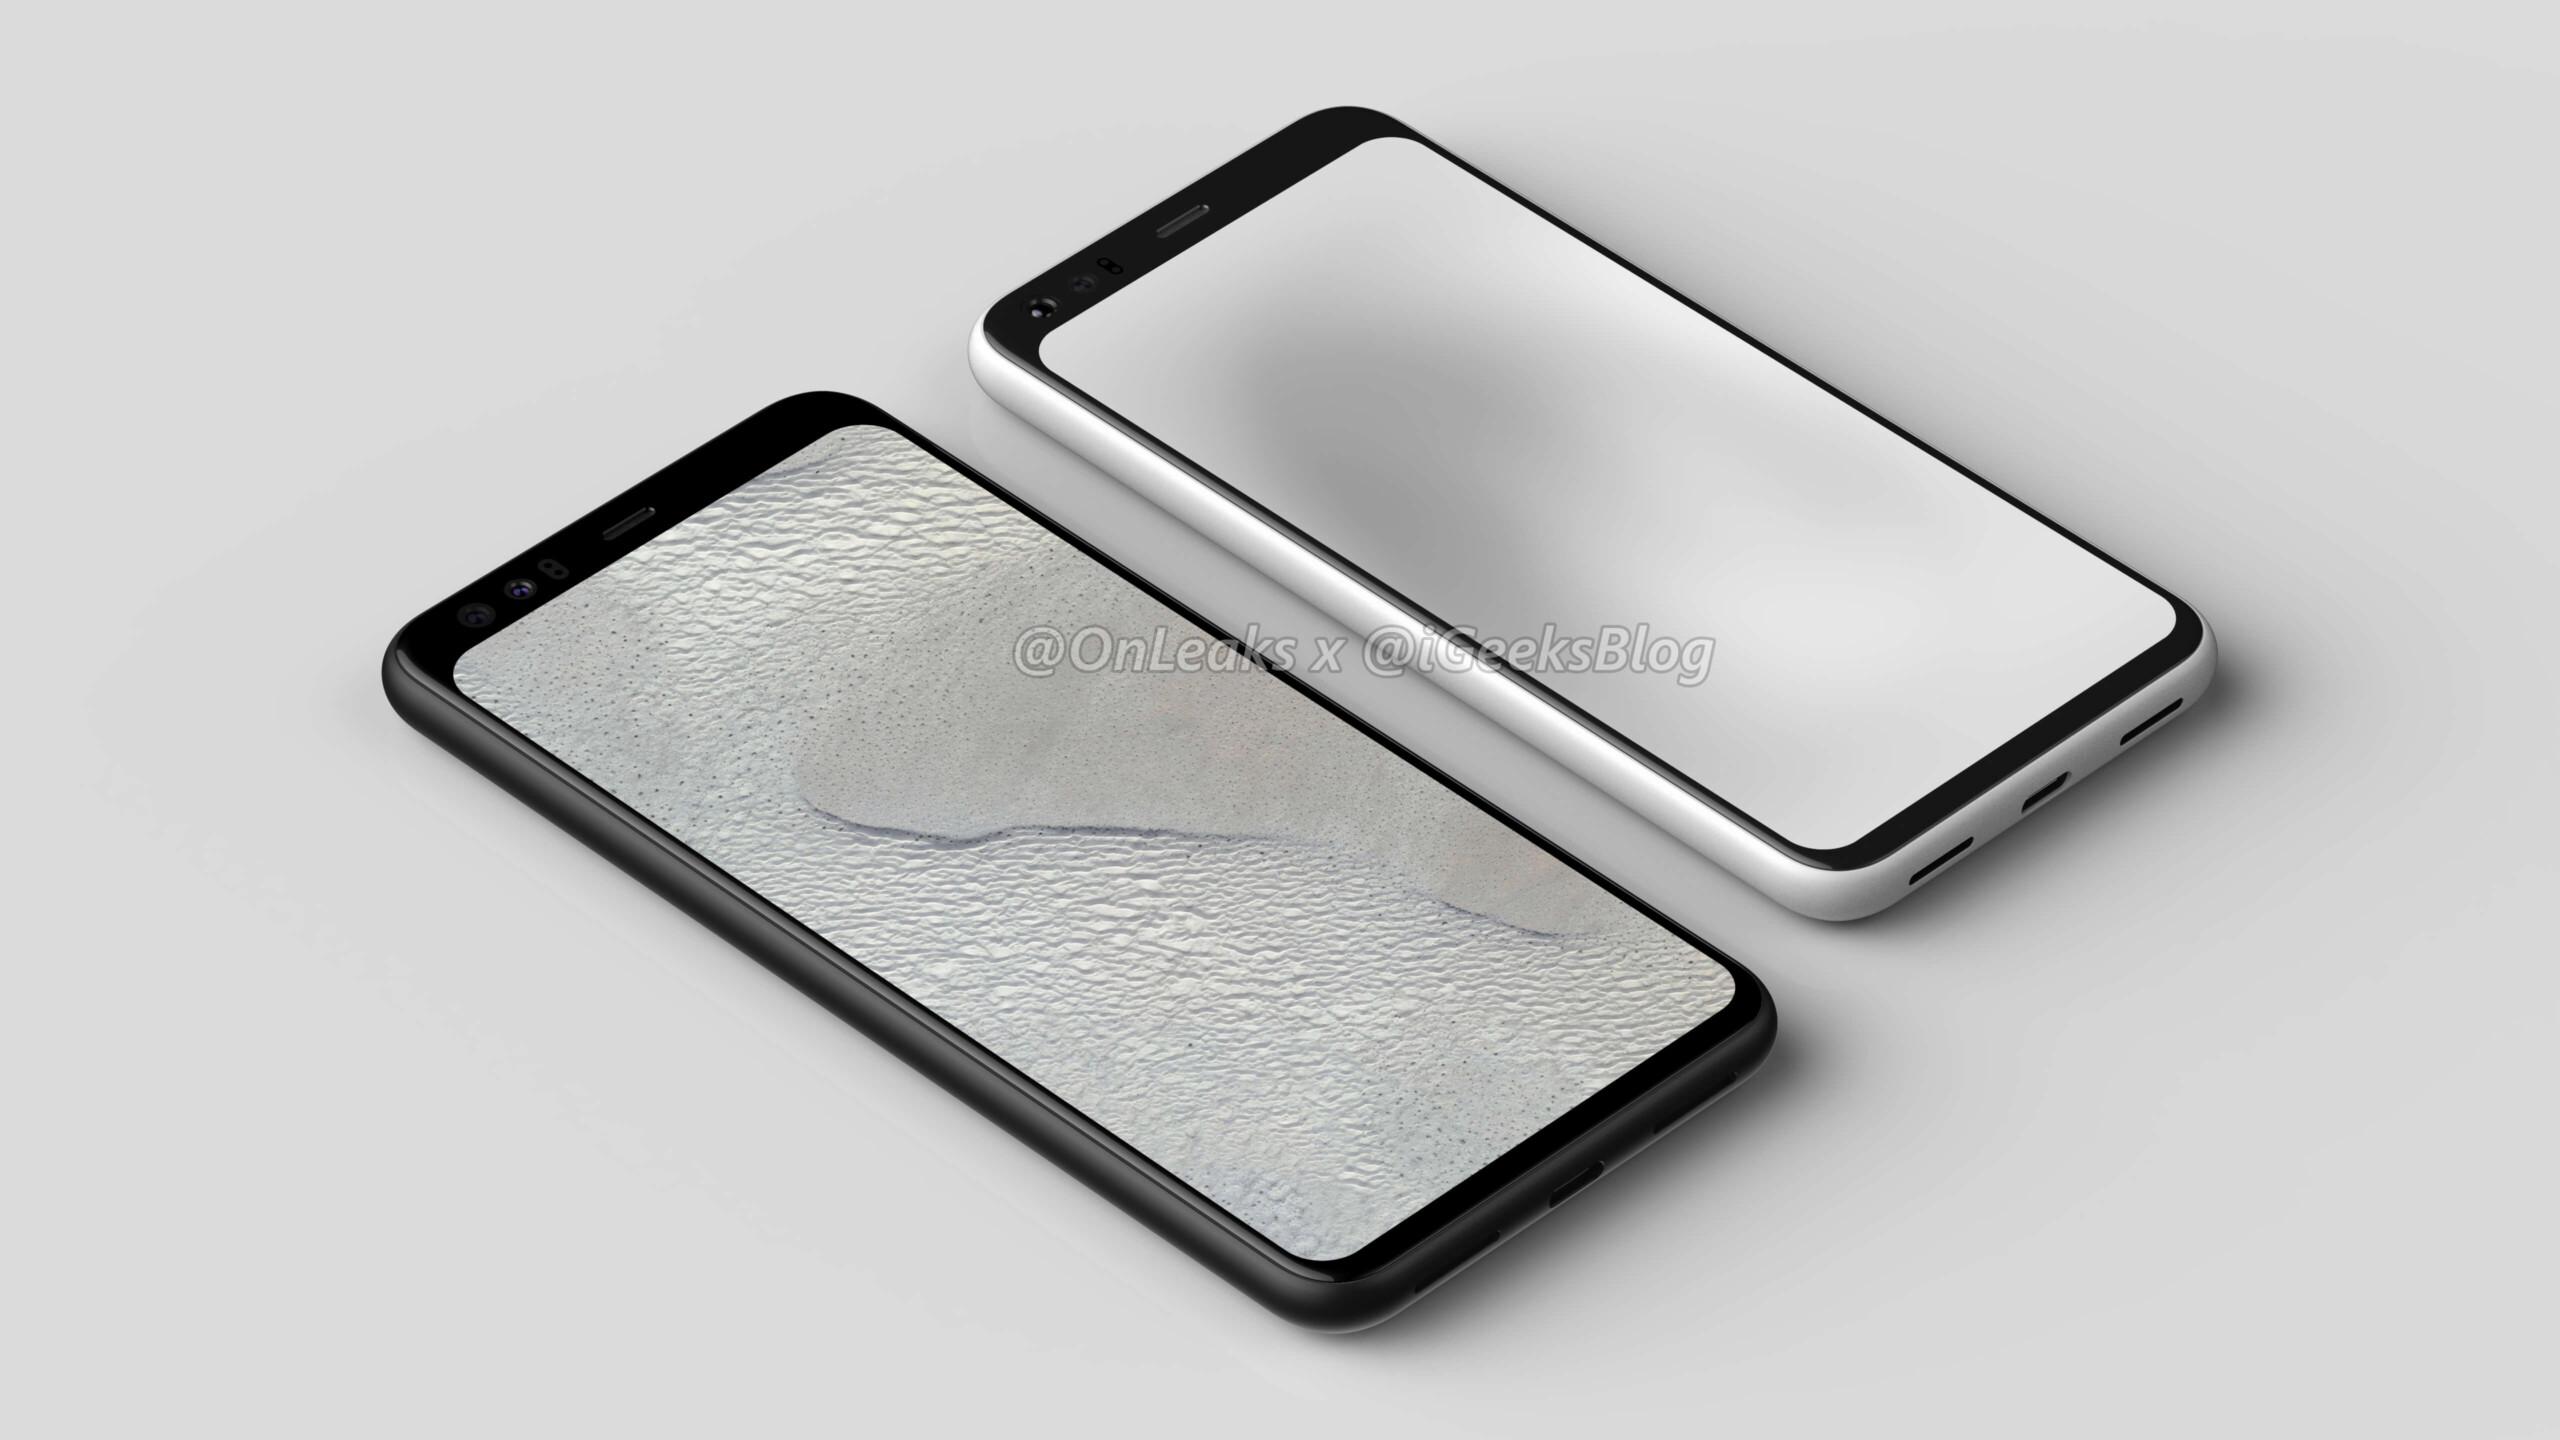 PIXEL4-VS-Pixel 4 Render Image